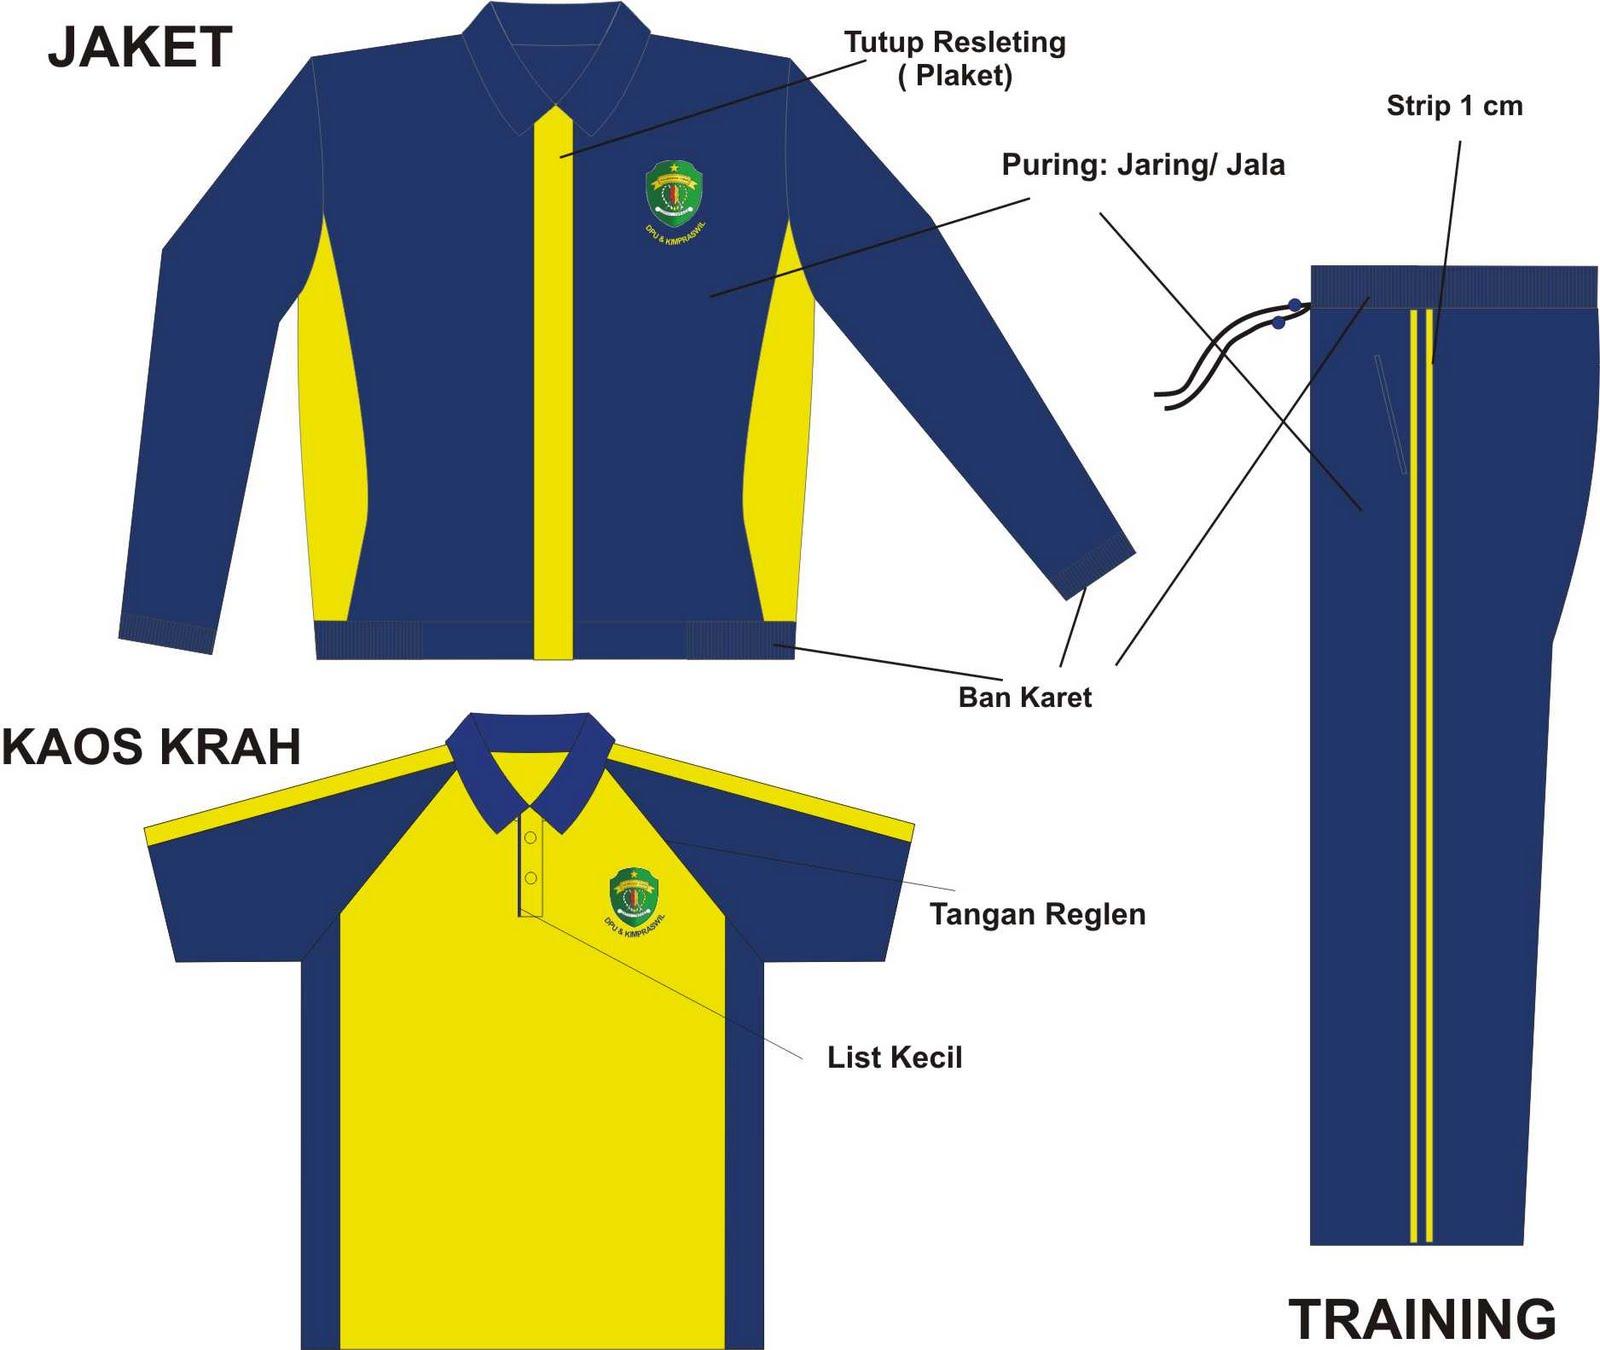 seragam olahraga: seragam olahraga